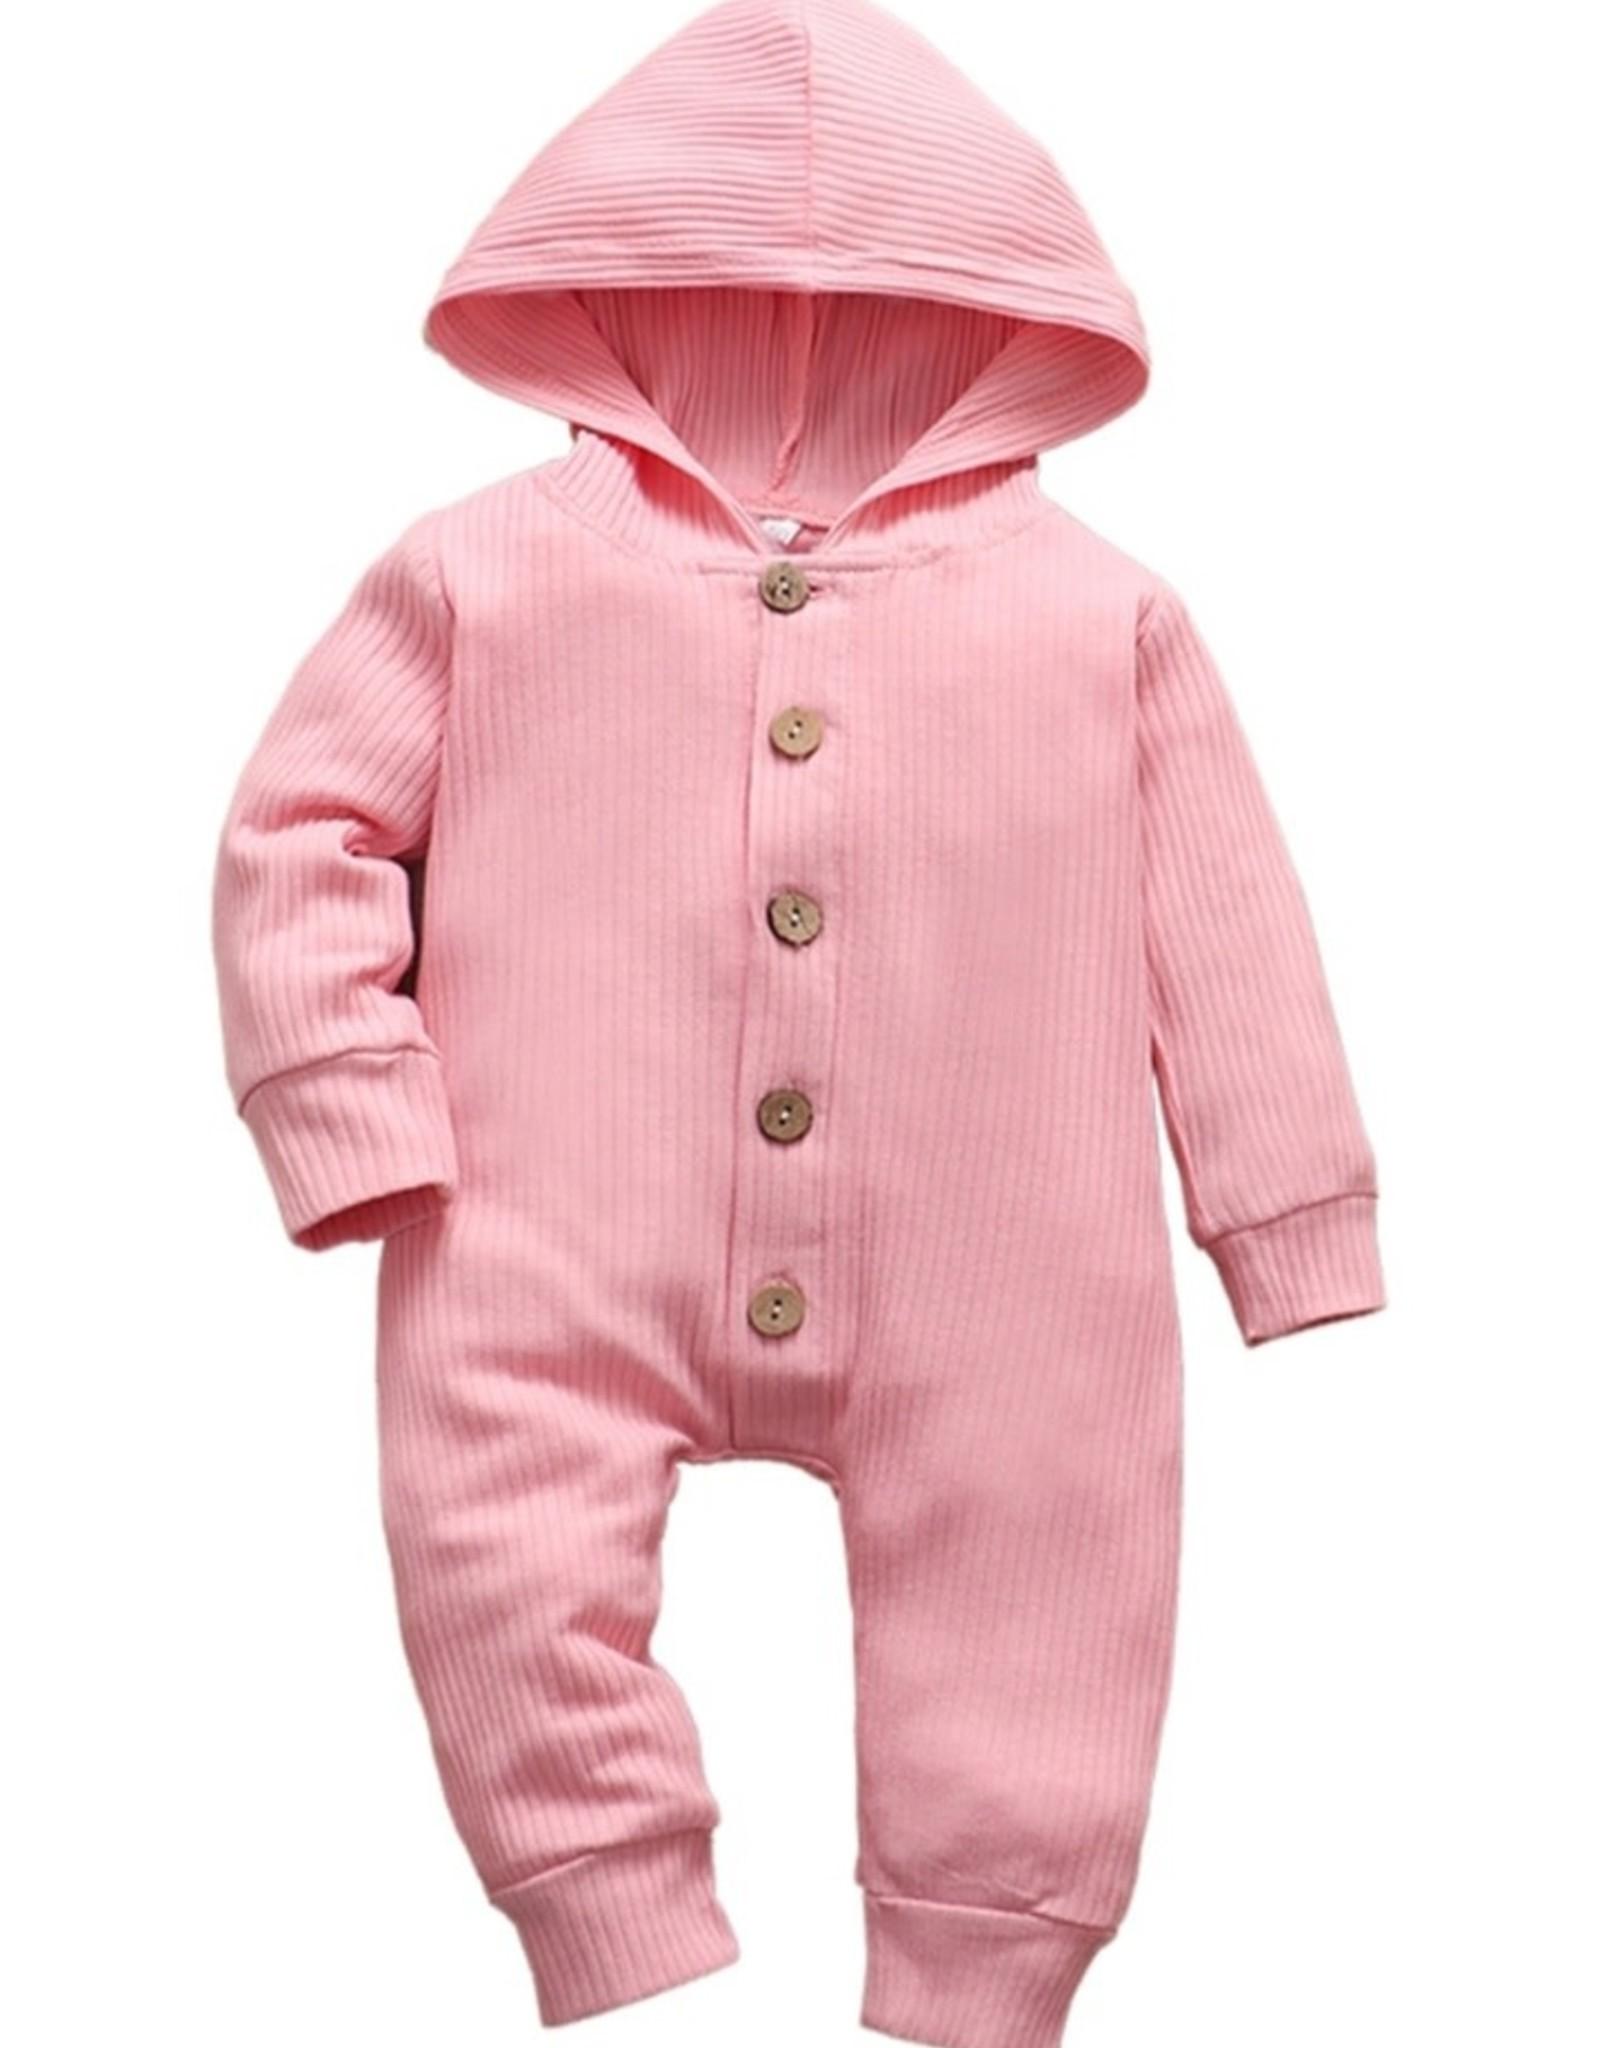 Knit Baby Hoodie Romper